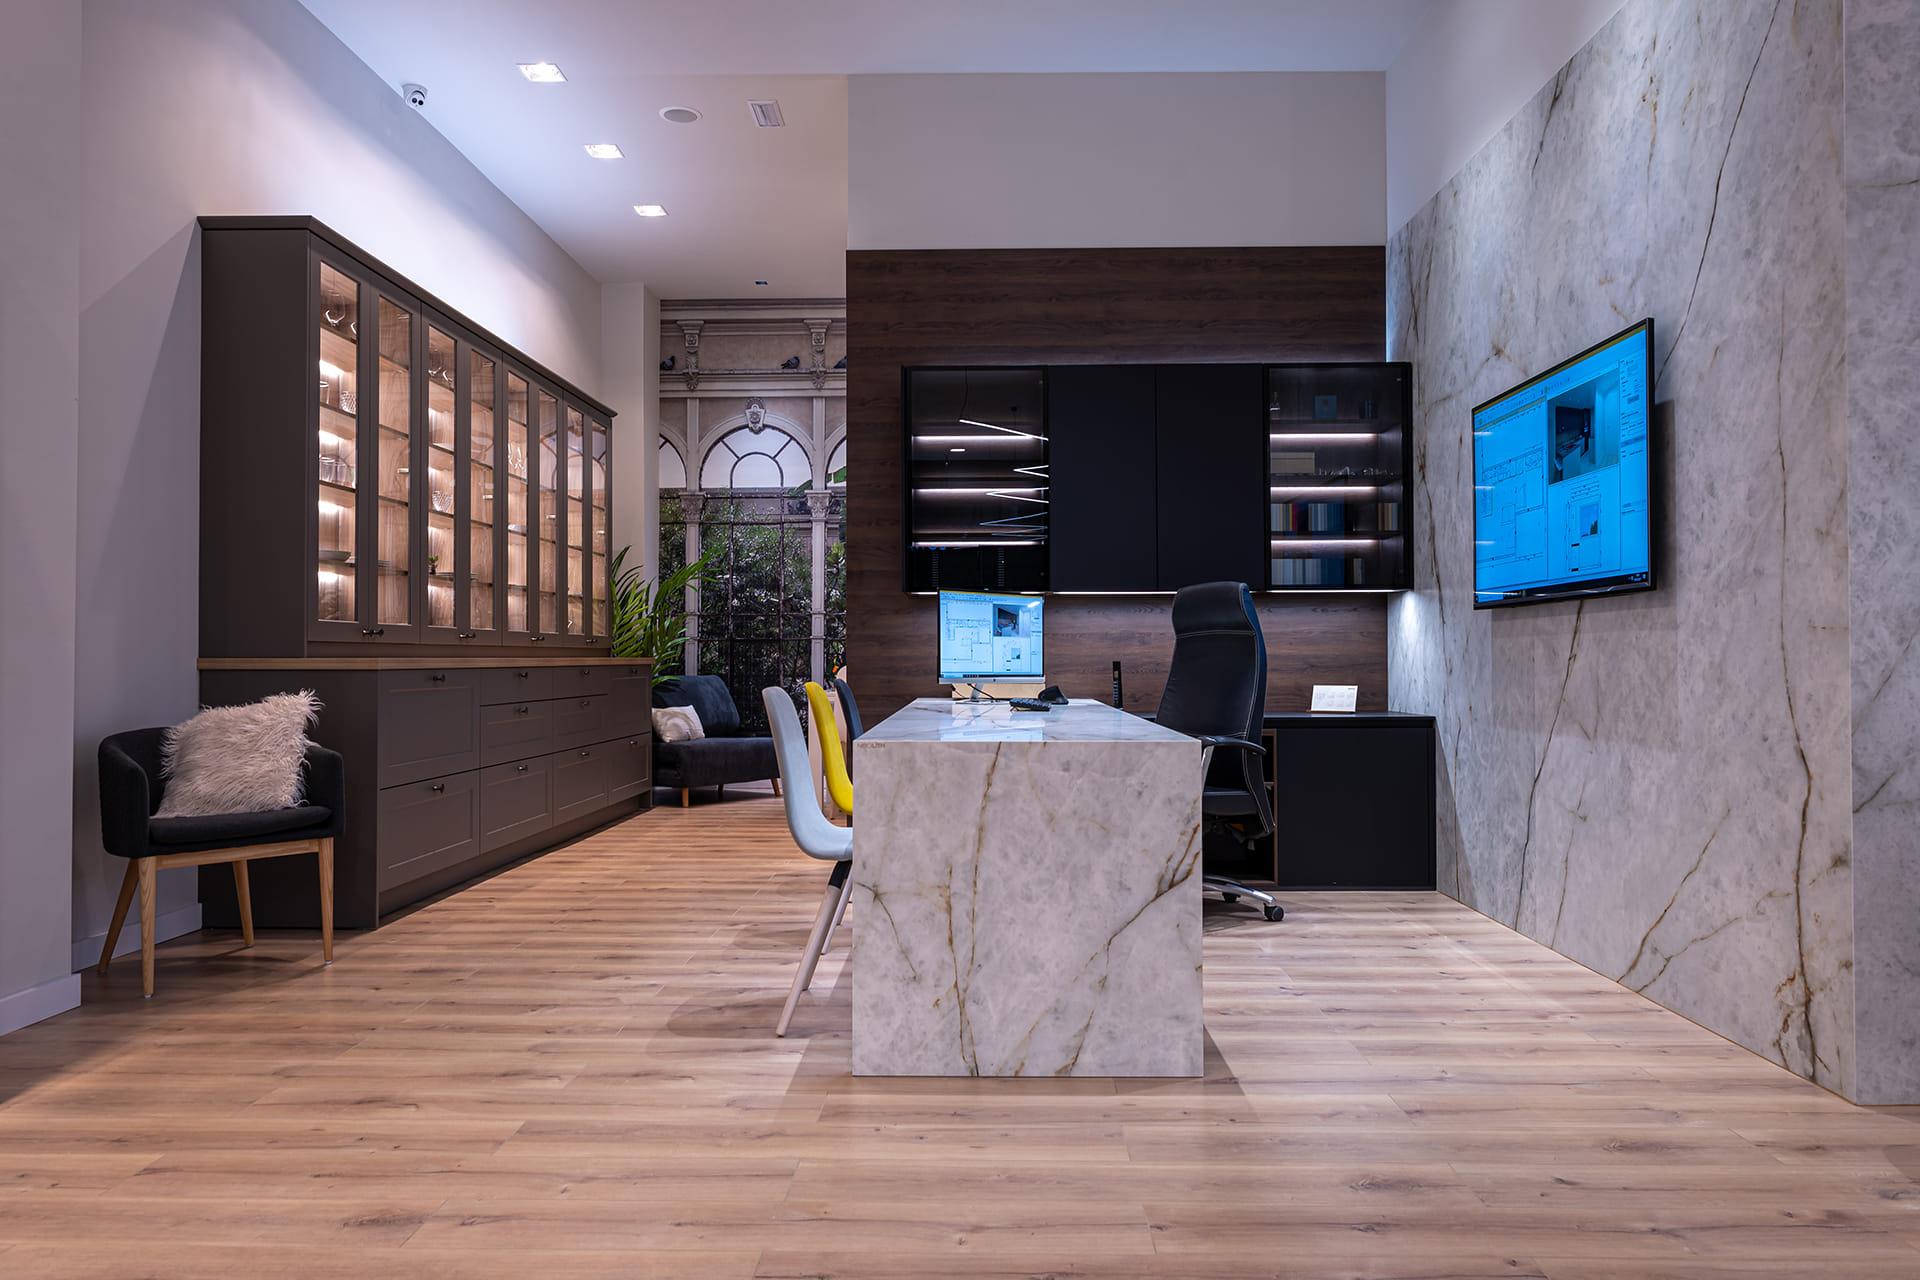 Santos Estudio 7 kitchen showroom